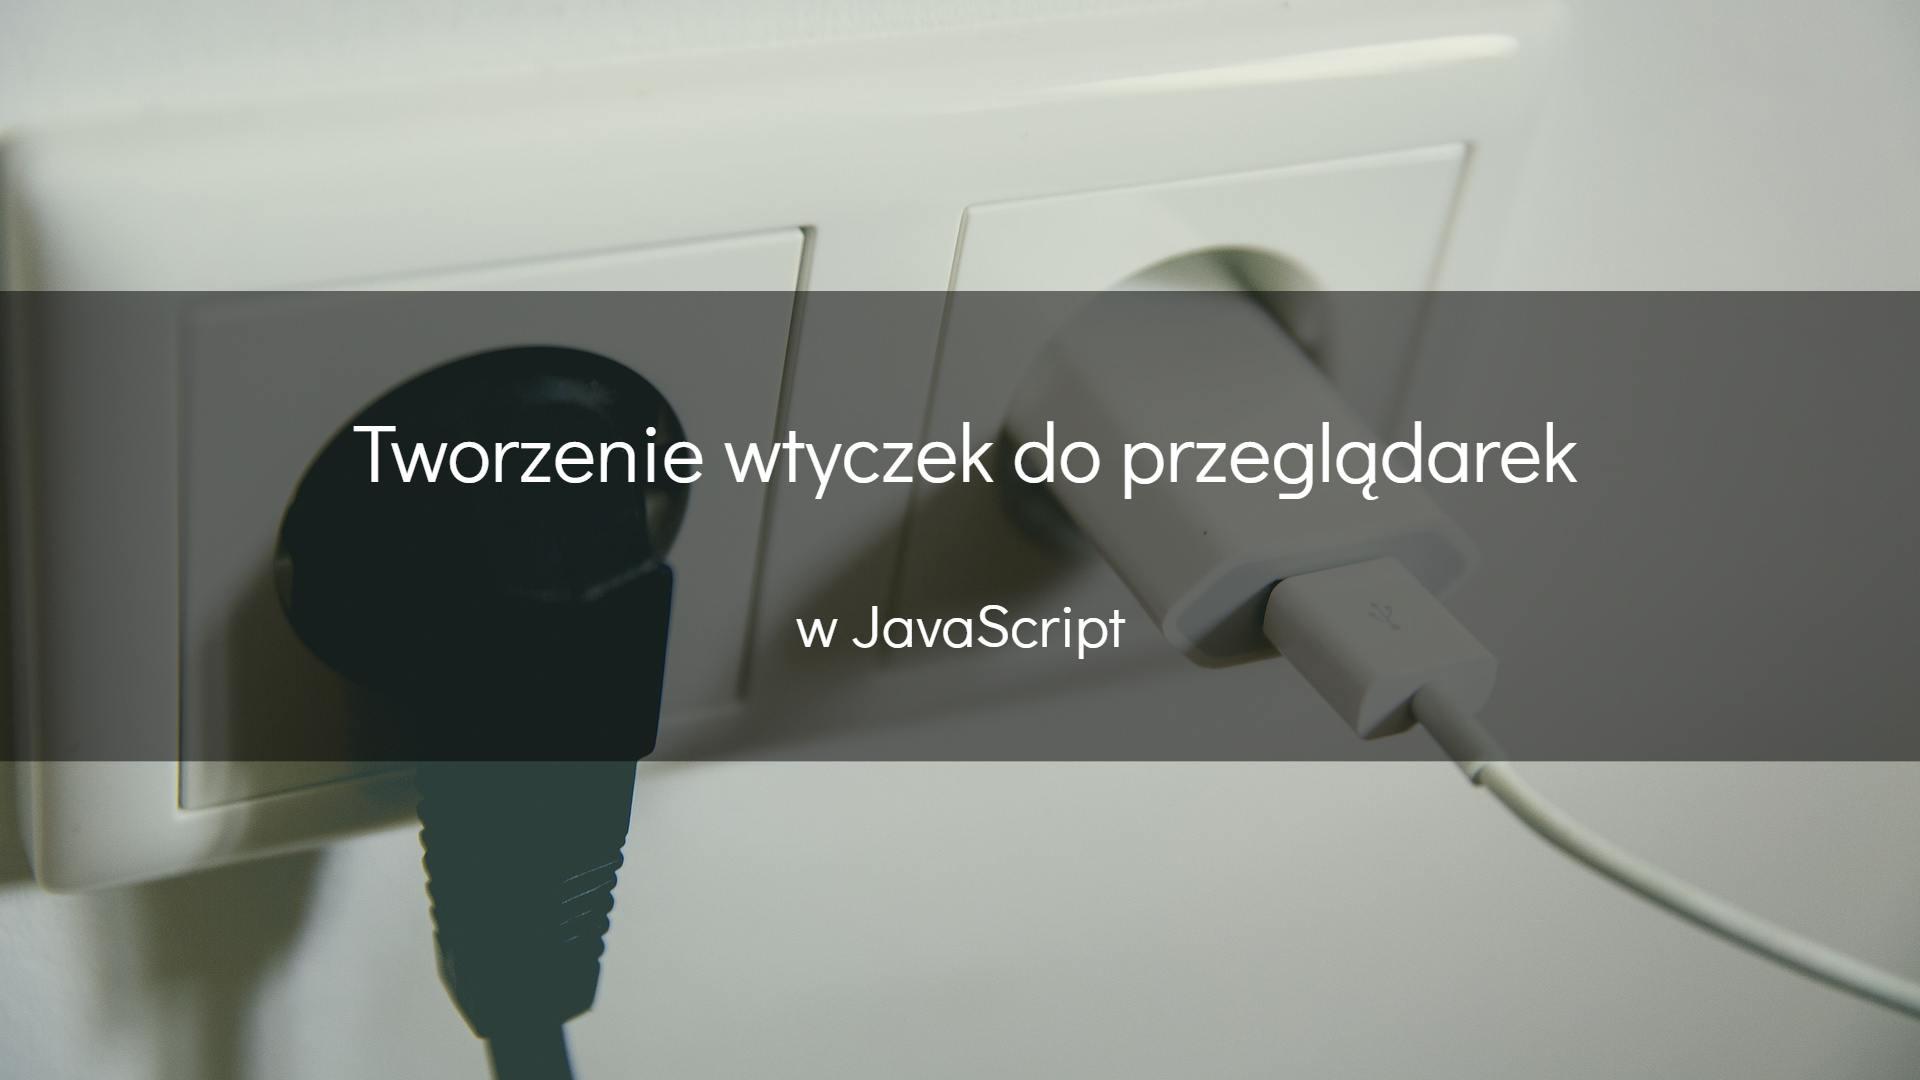 Tworzenie rozszerzeń doprzeglądarek wJavaScript